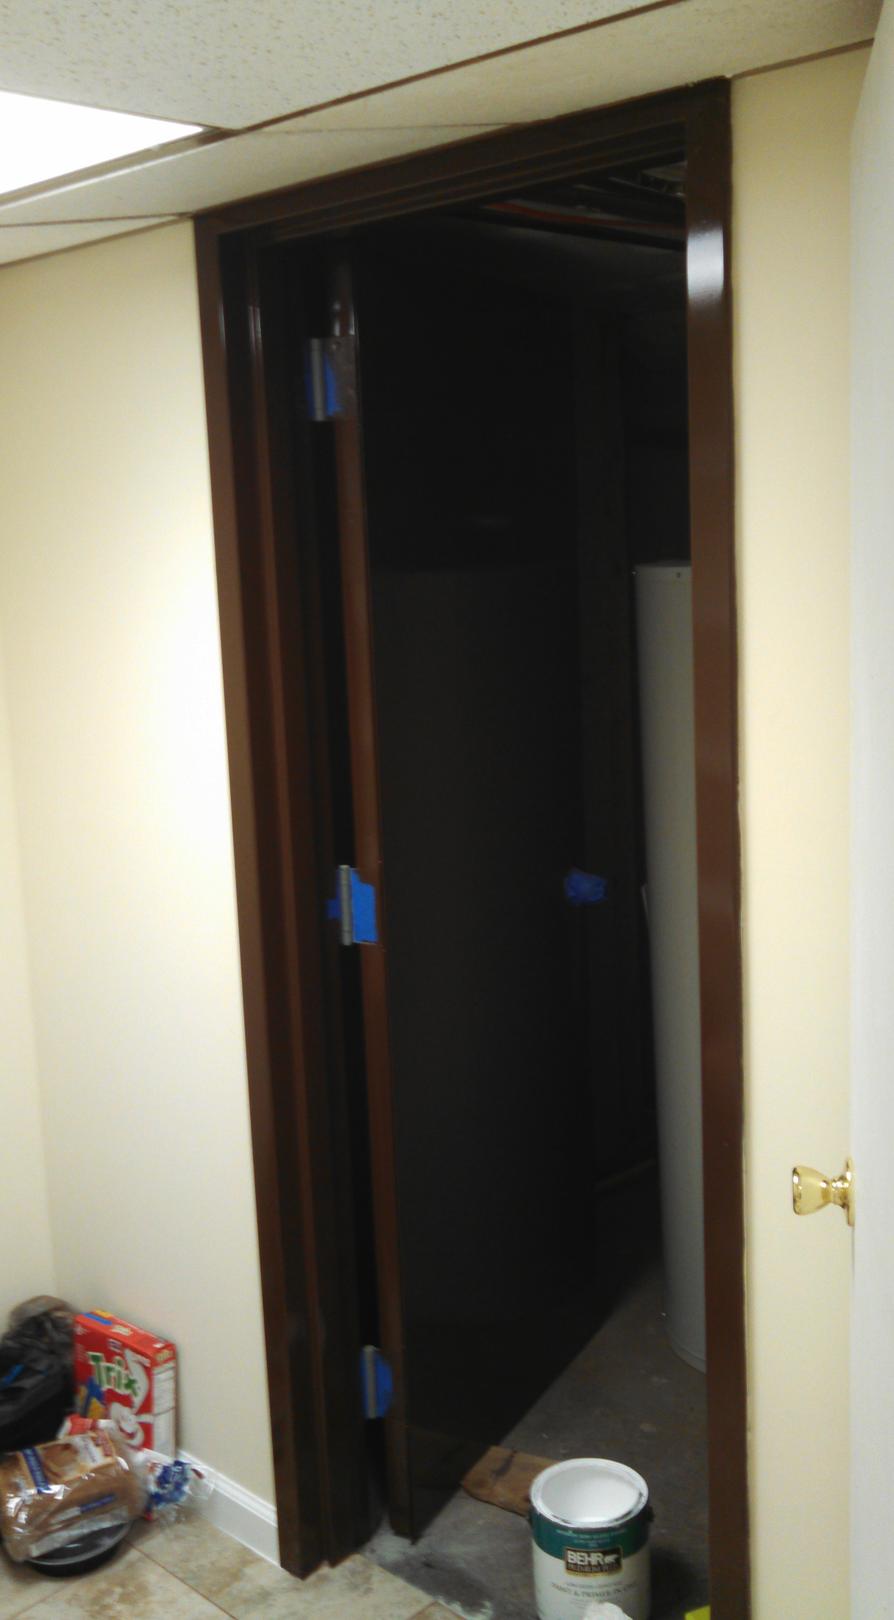 Boiler Room Door- After